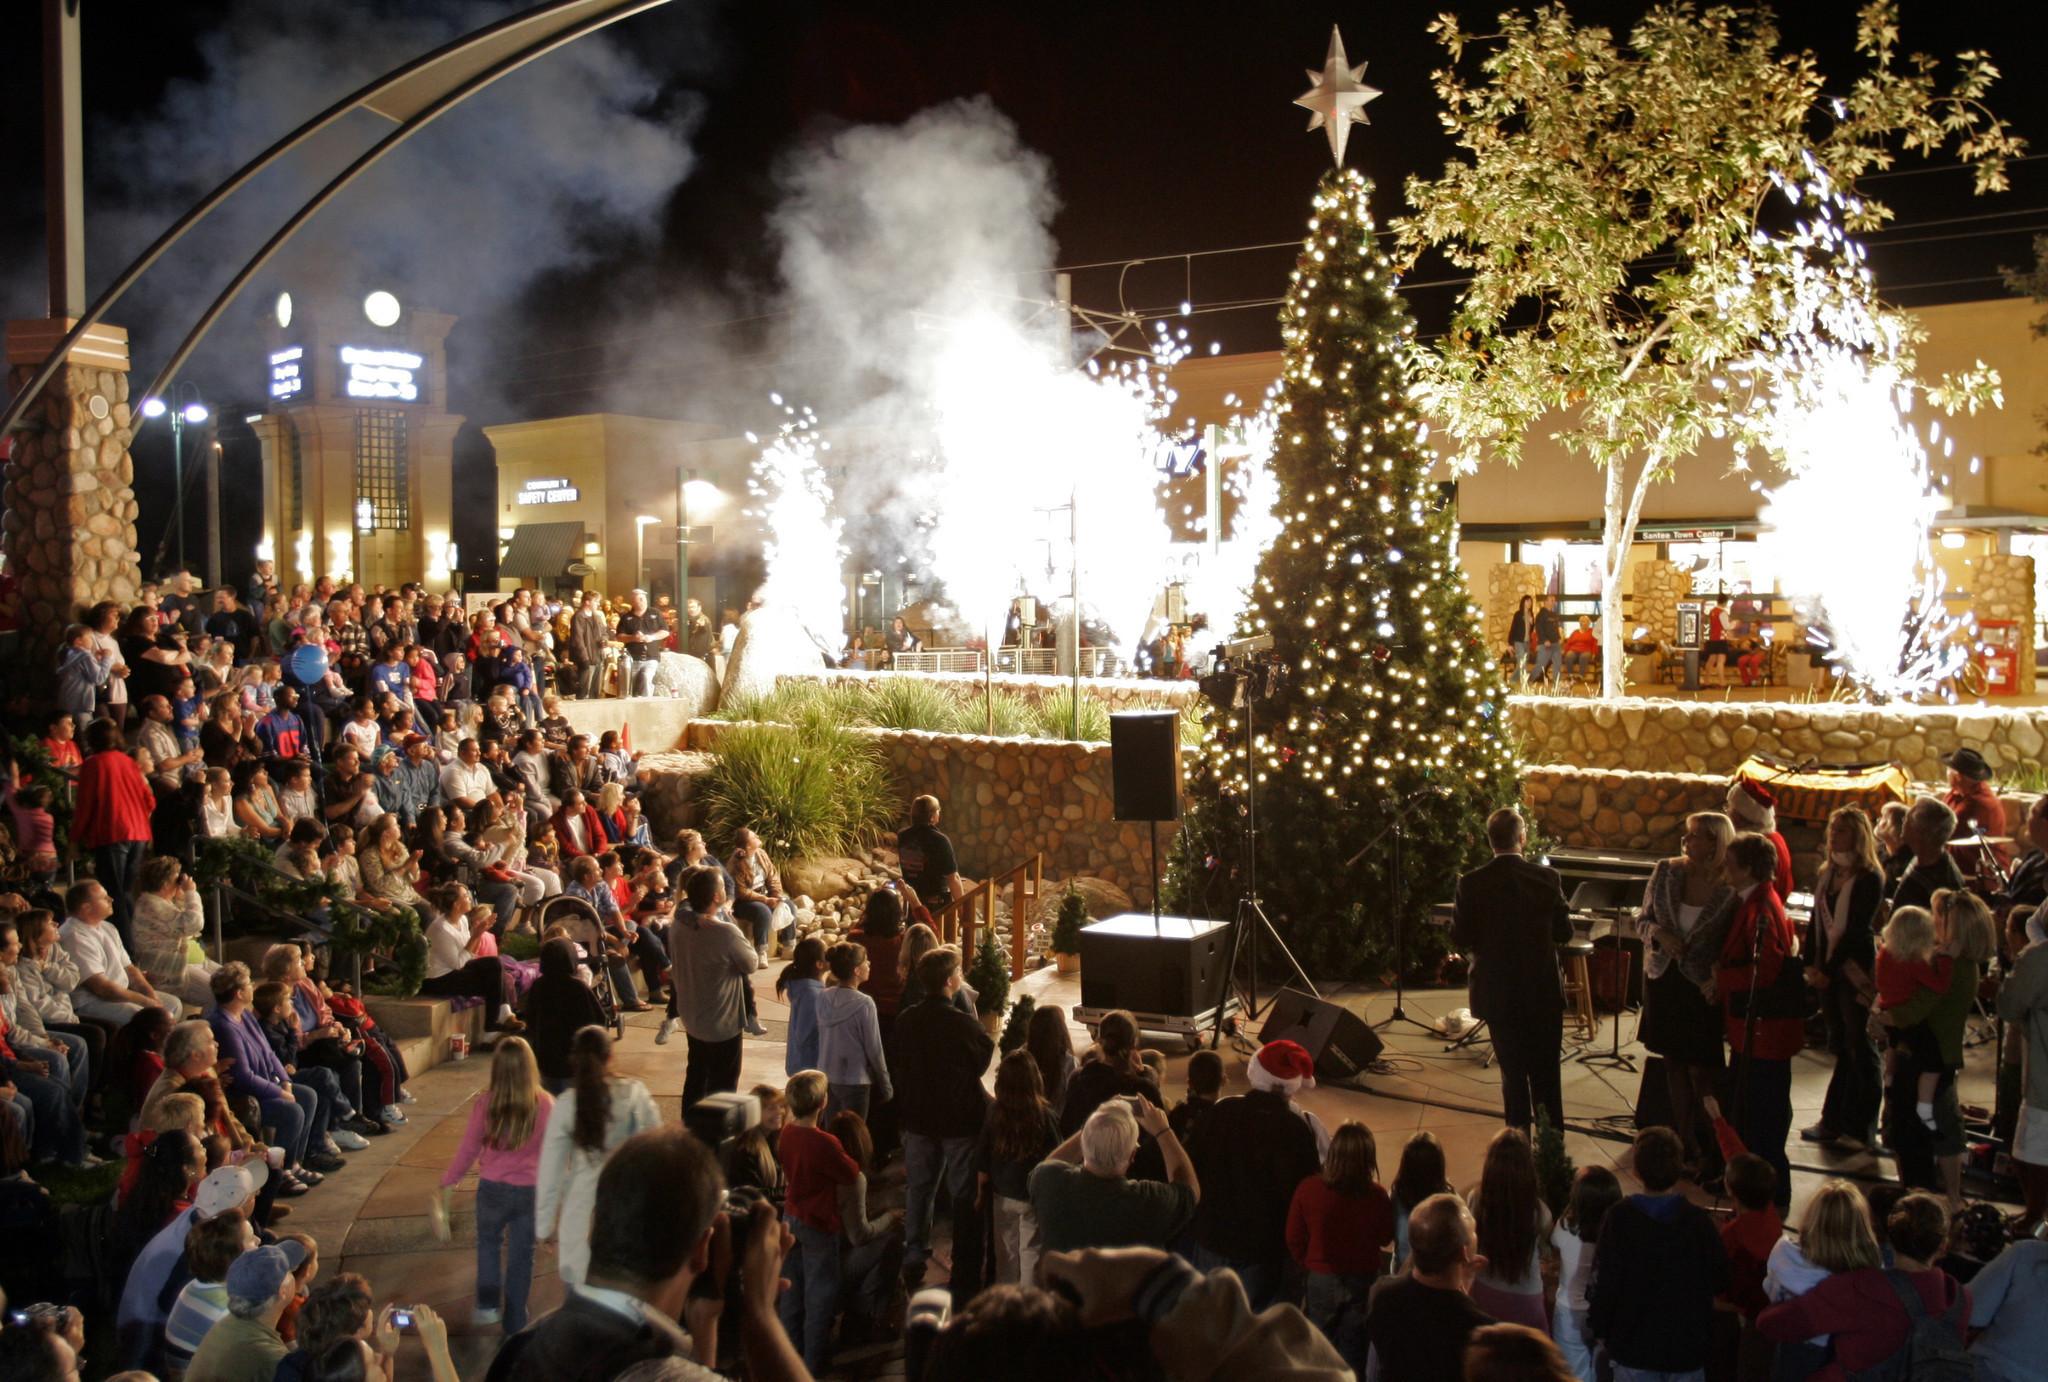 San Diego Christmas Tree Lighting 2020 Union Square Christmas Tree Lighting 2020 San Diego   Kbkzmr